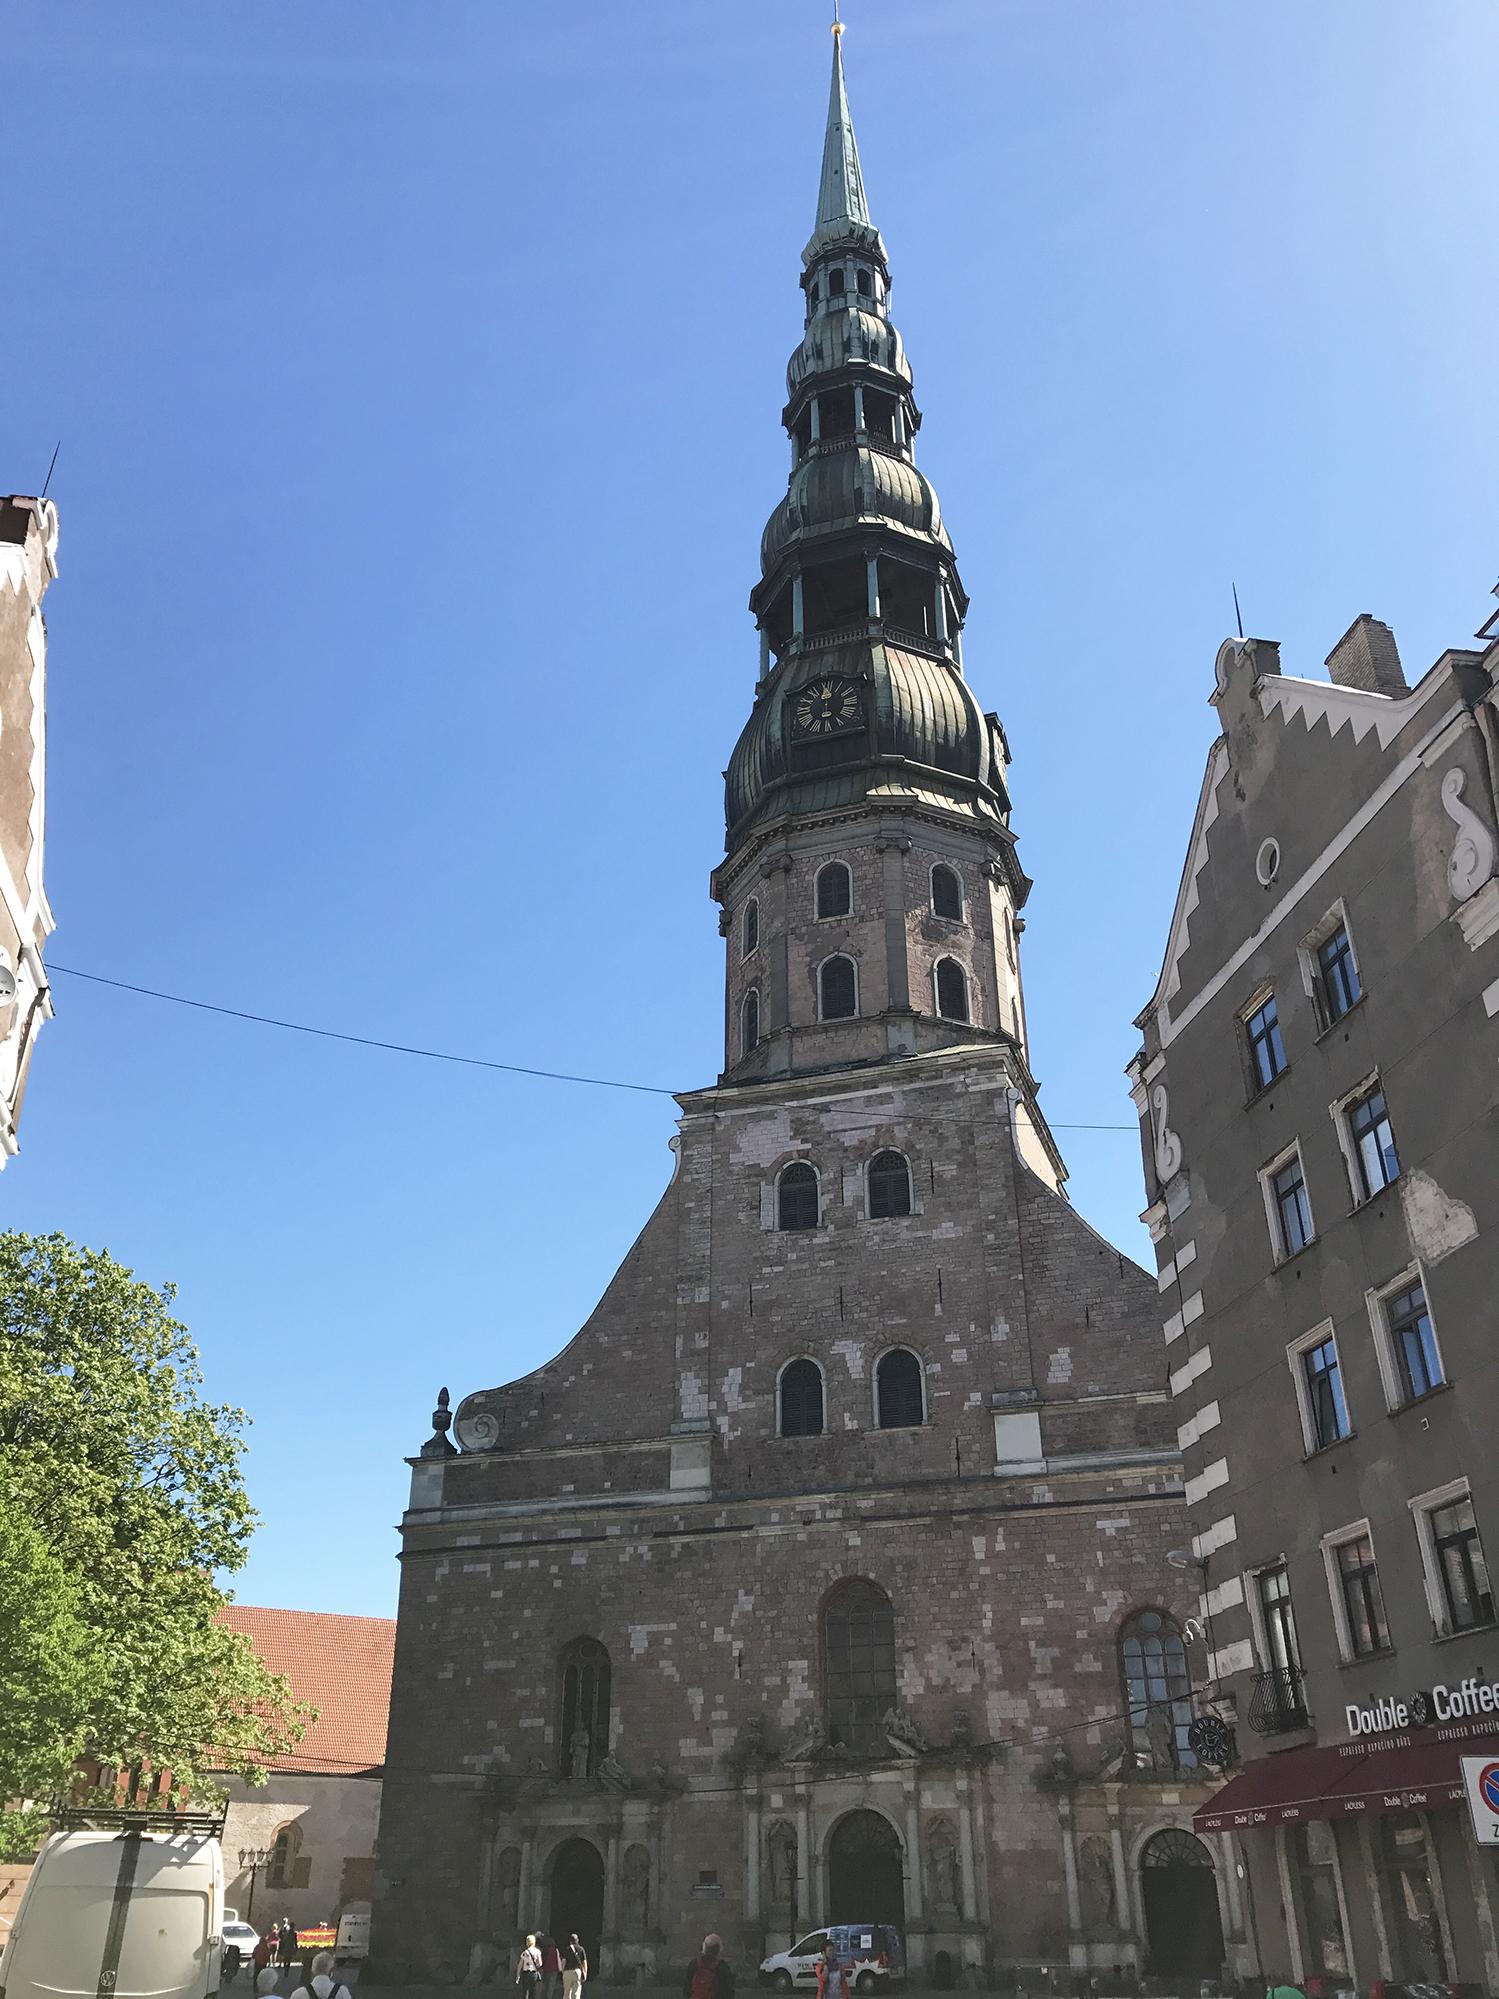 Svētā Pētera baznīca (St Peter's church), Rīga